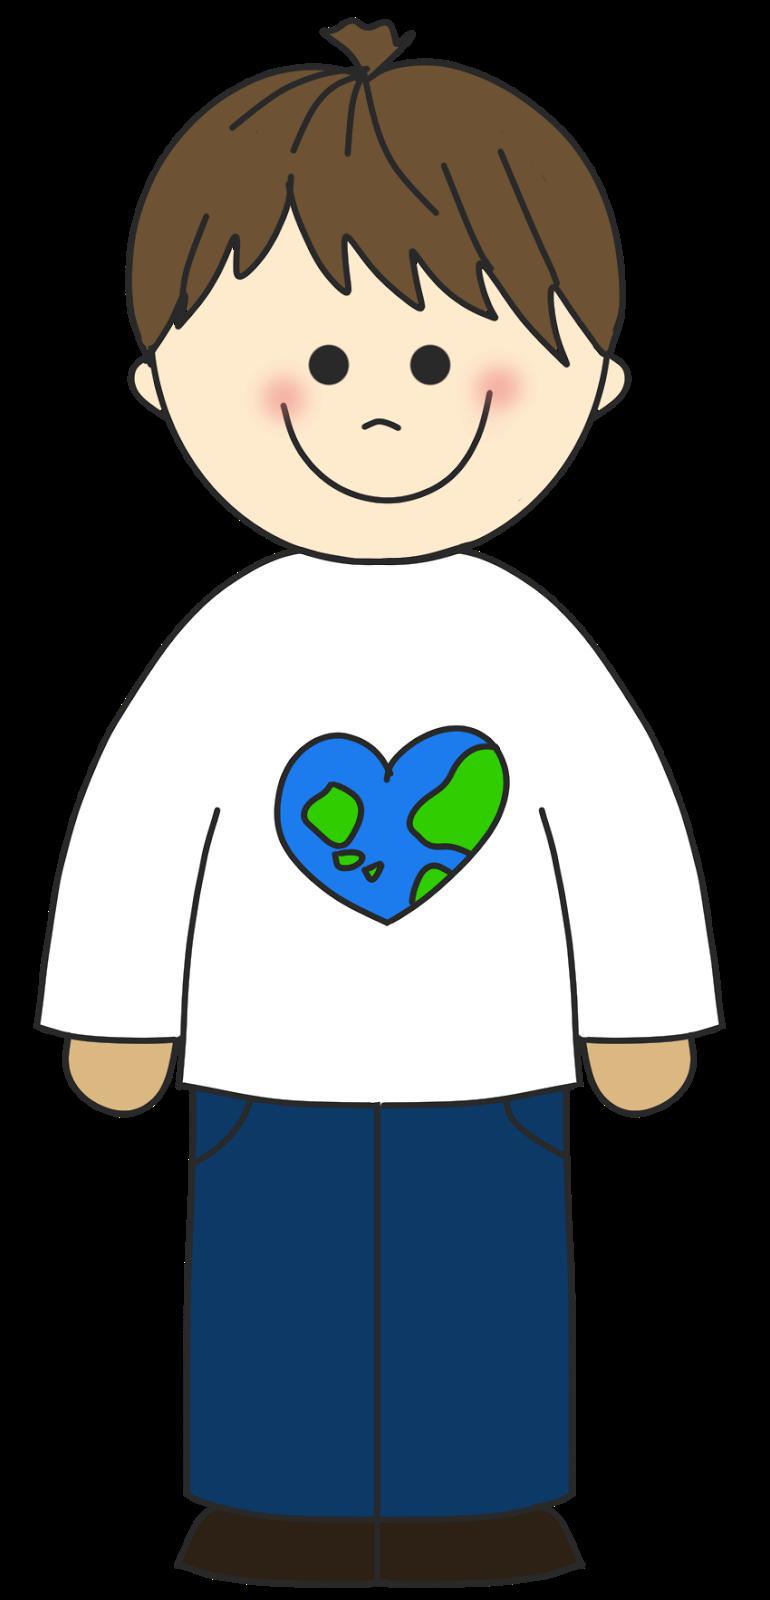 83 awesome cartoon boy clip art cute kids clip art clip art of boy clipart of boy and girl at school house